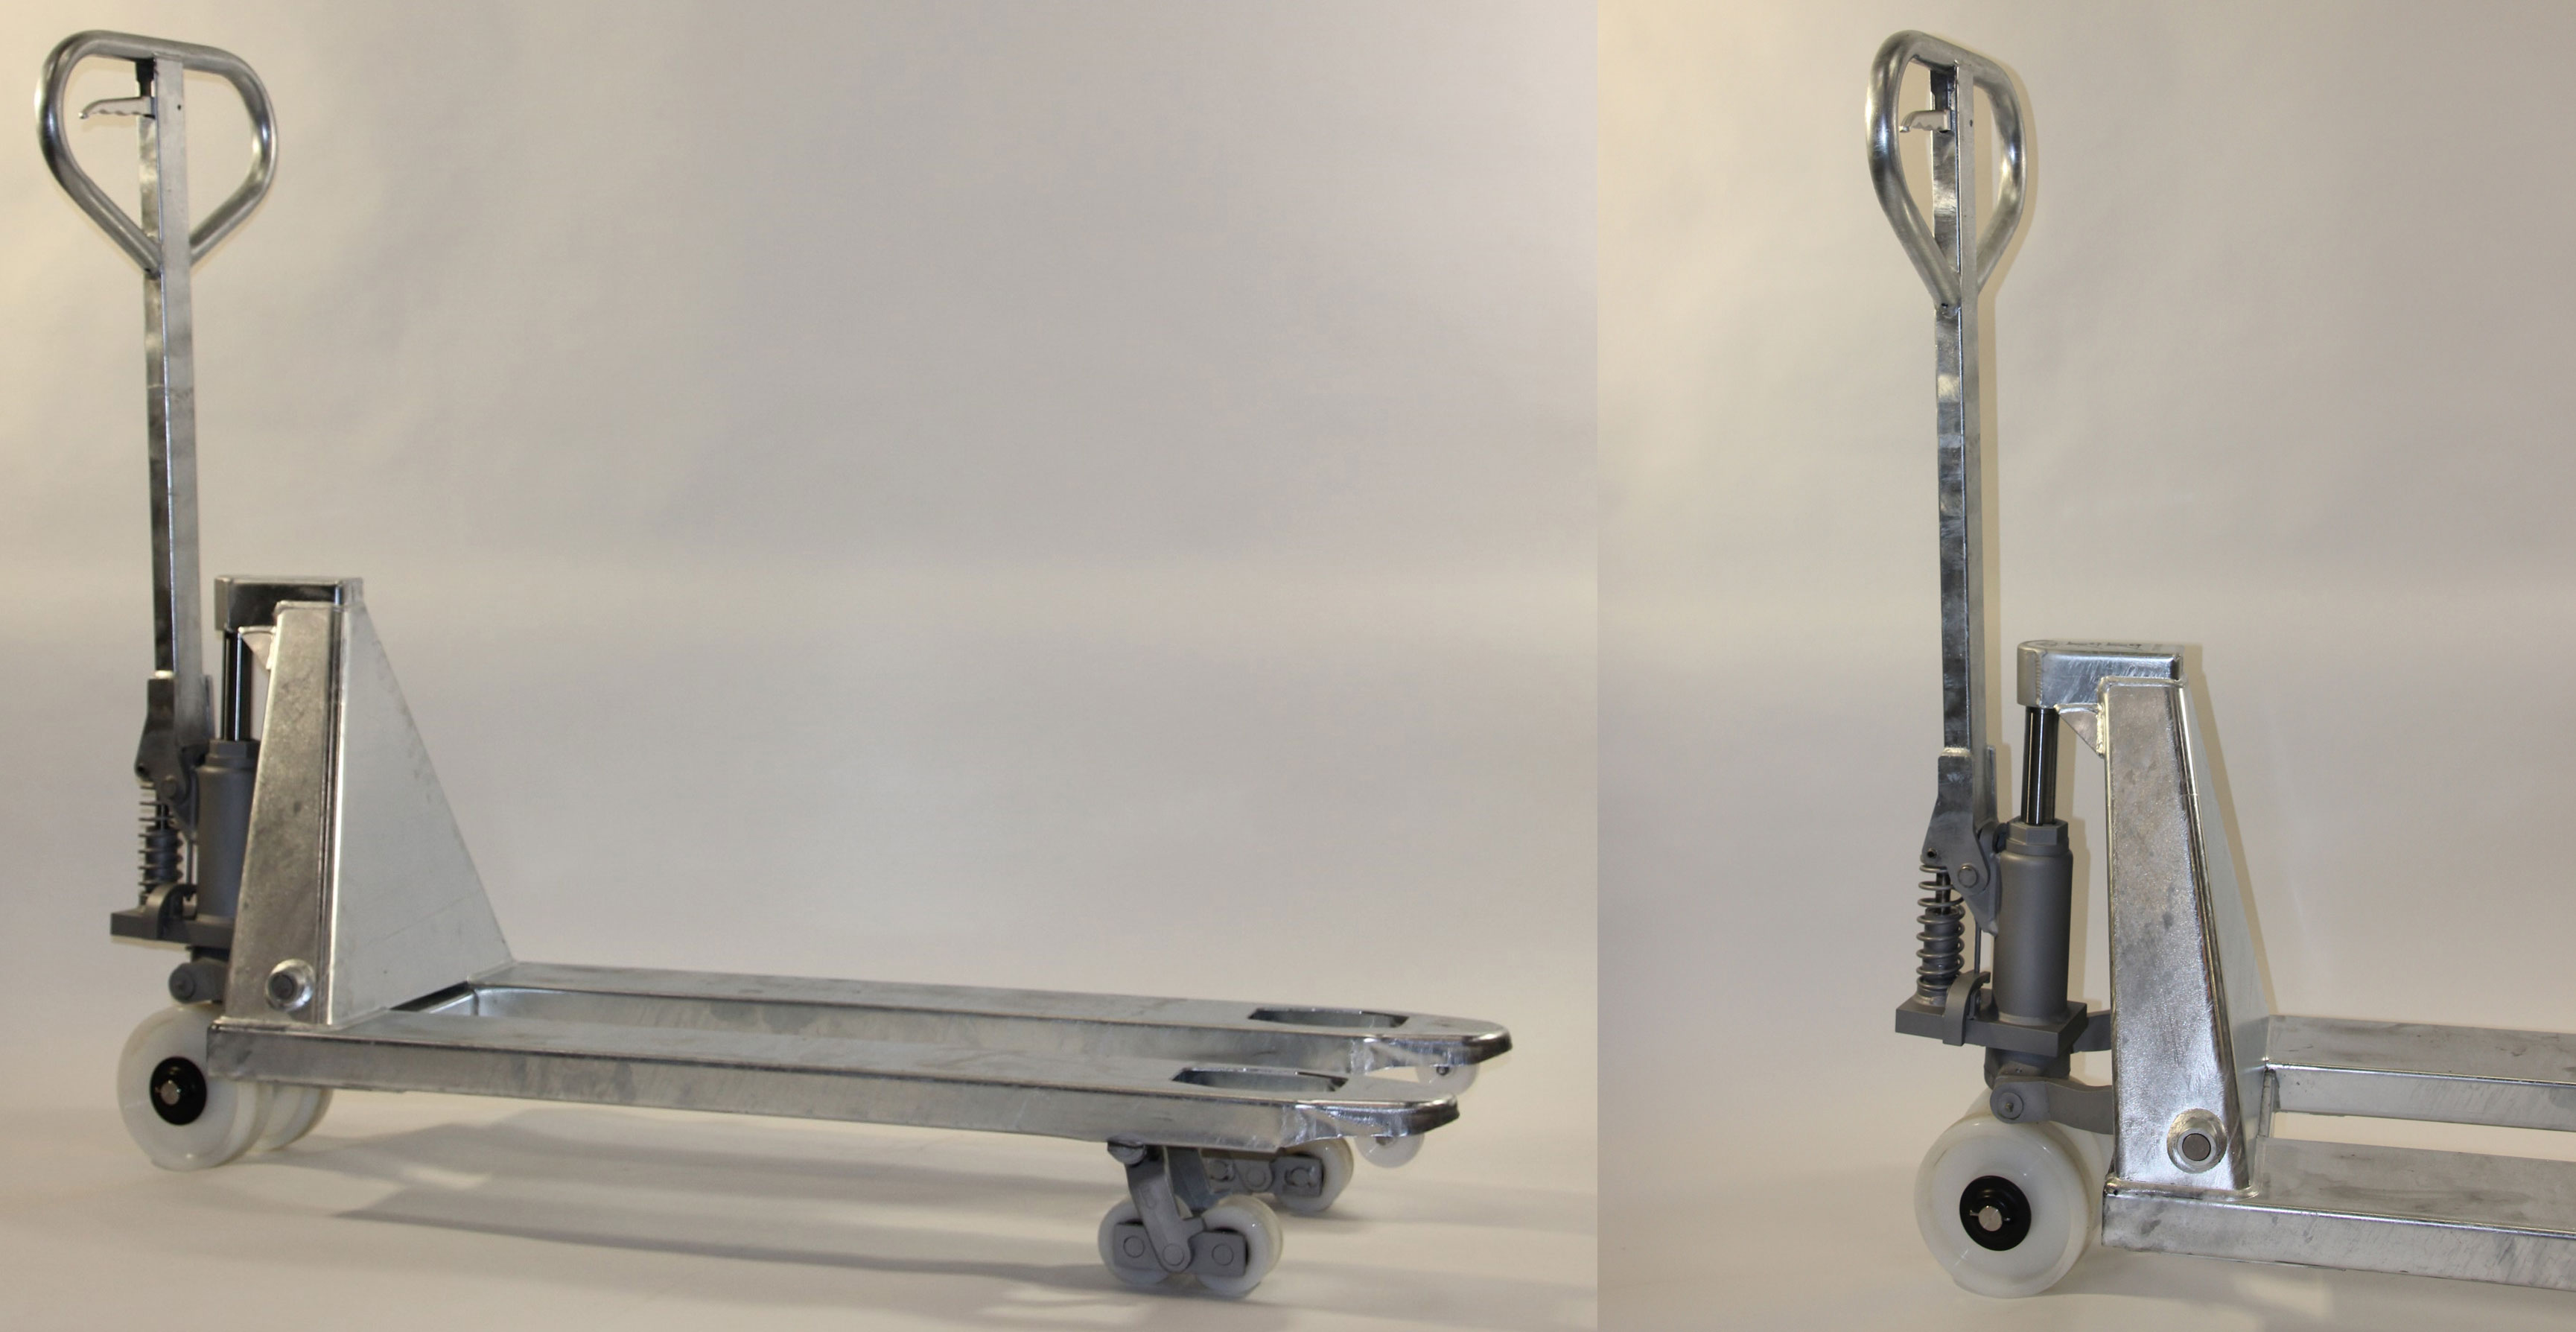 """verzinkter Gabelhubwagen mit 3 Tonnen Flächenlast und """"schlanker"""" Bauart 520 mm Tragbreite außen-außen über die gesamte Länge, Nylonräder. Einsatz in robuster Umgebung zum Umsetzen von Transformatoren etc."""